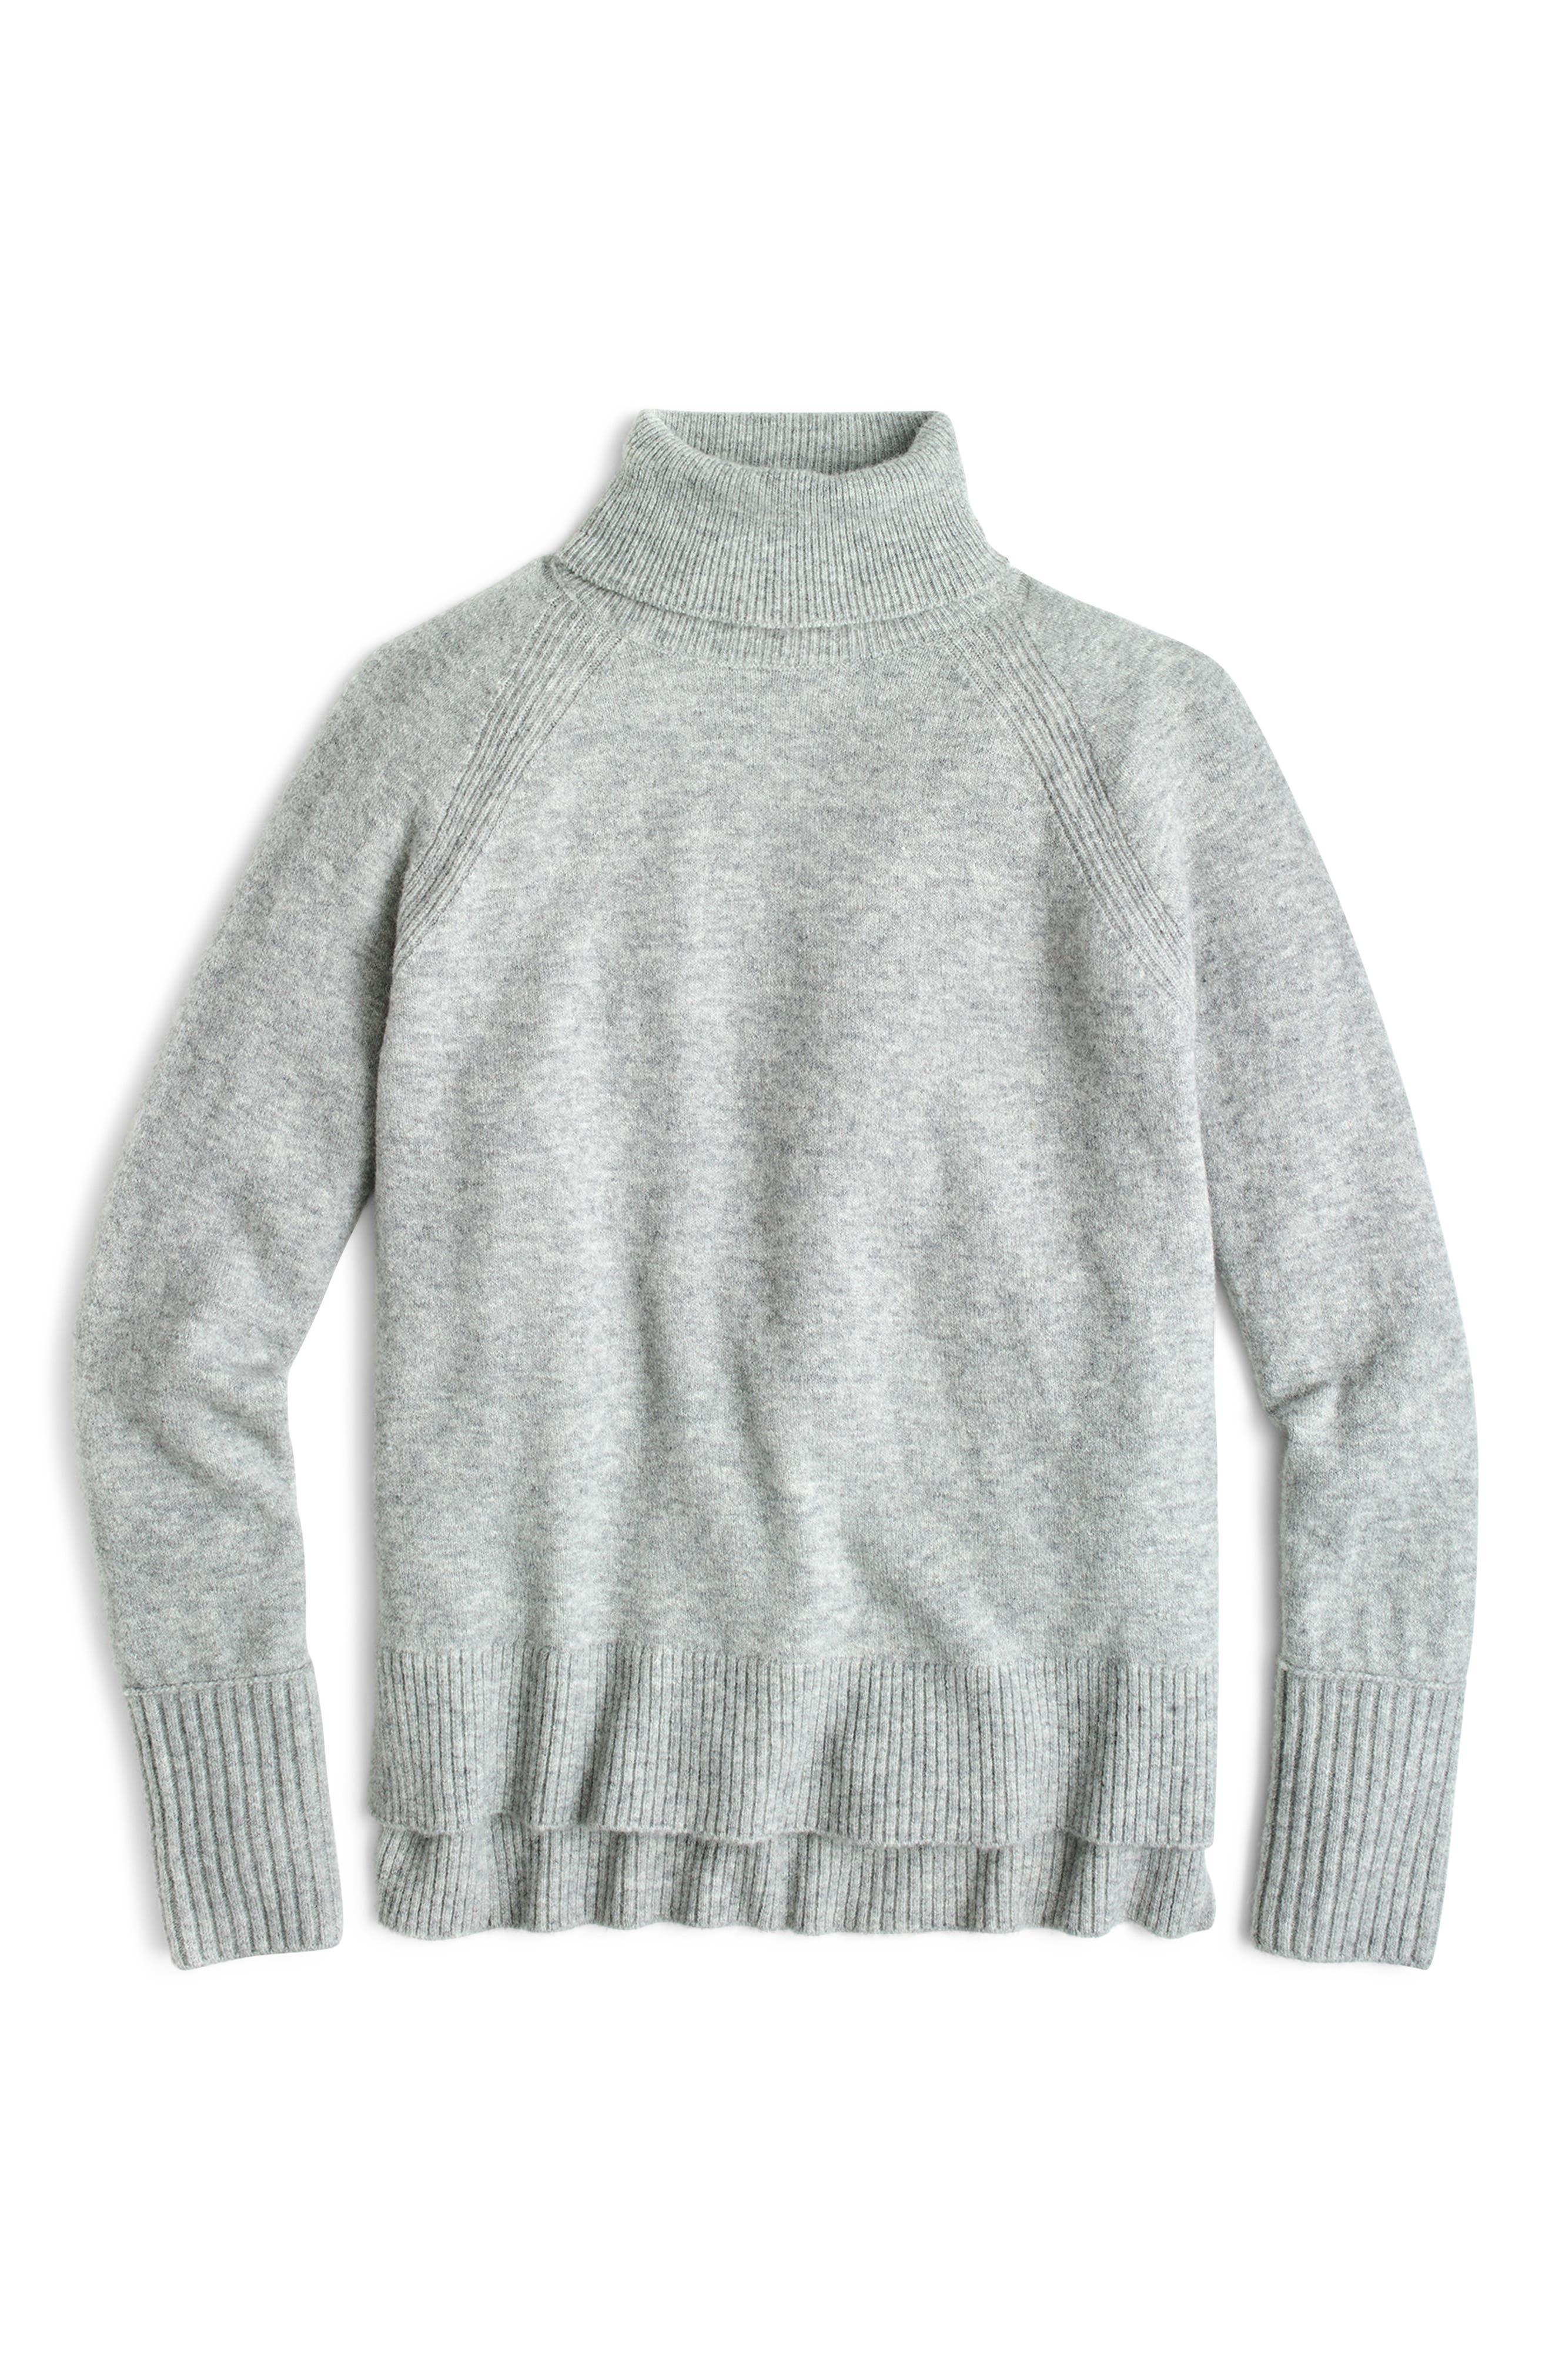 Side Slit Supersoft Turtleneck Sweater,                             Alternate thumbnail 2, color,                             HEATHER GREY